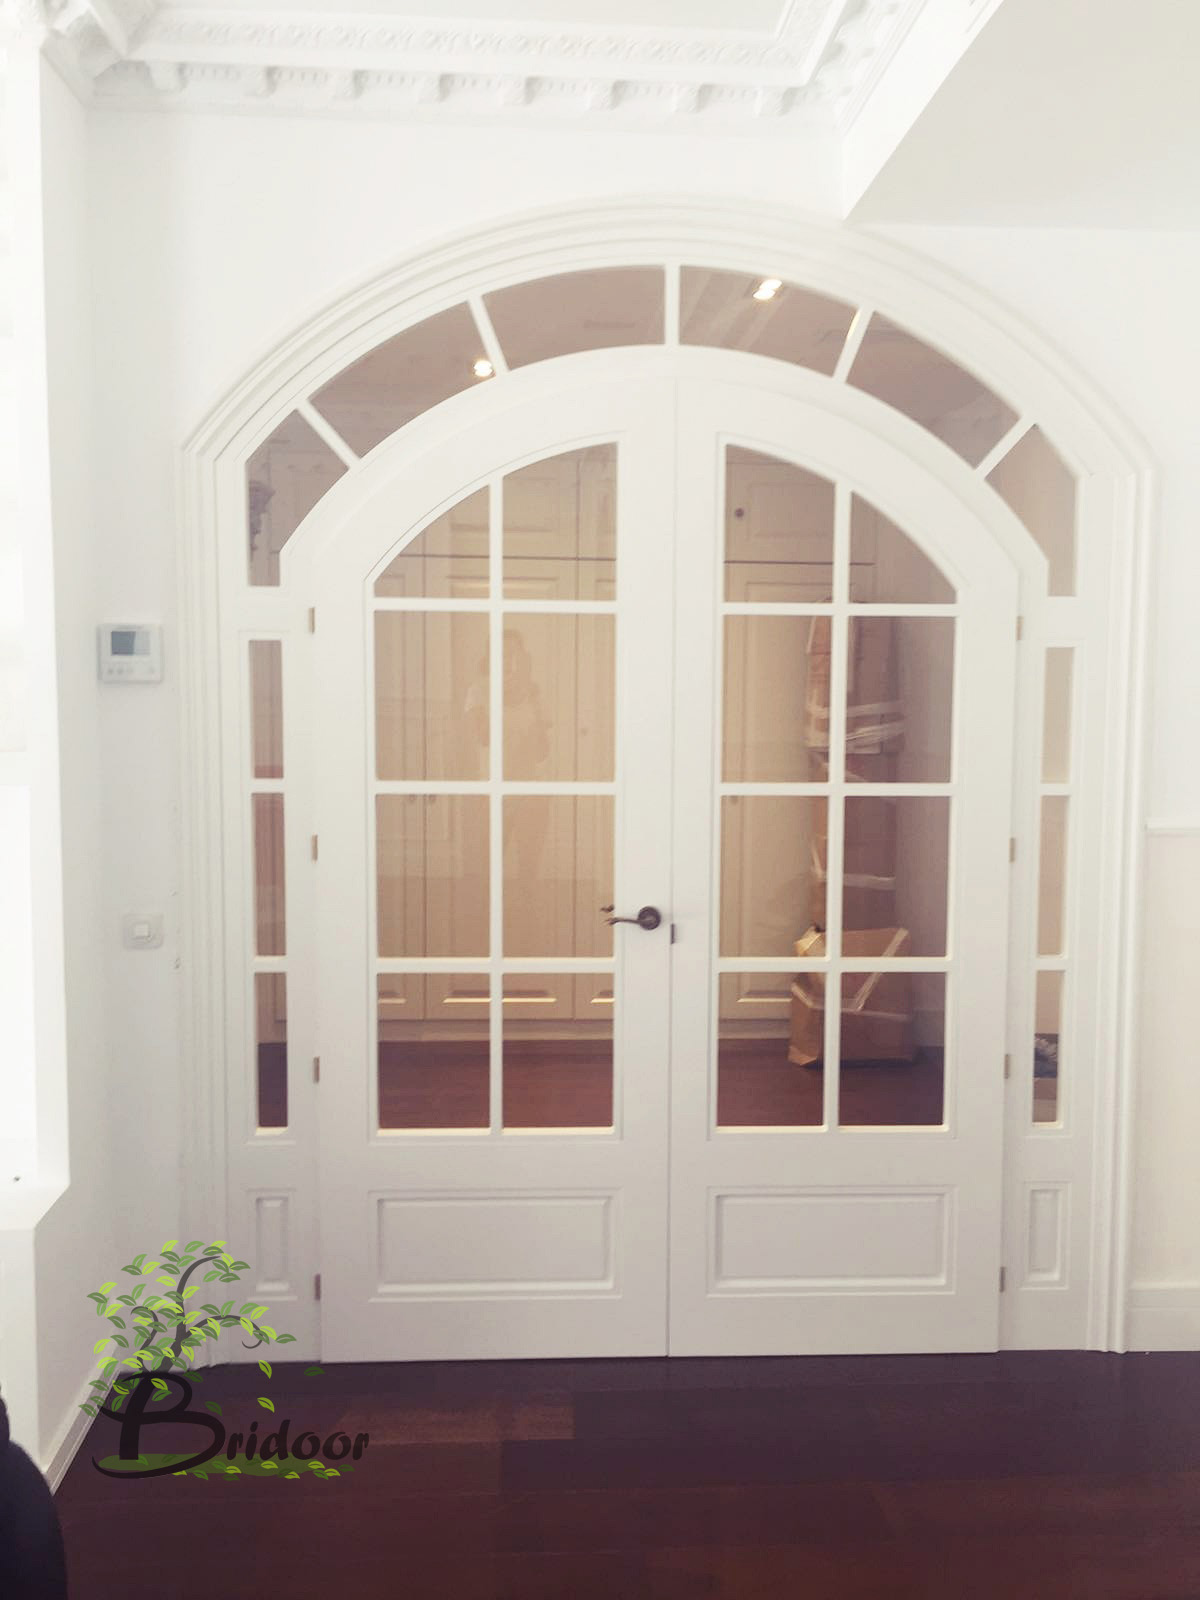 Bridoor s l puertas lacadas a medida y dise o especial en la c galileo - Arcos decorativos para puertas ...